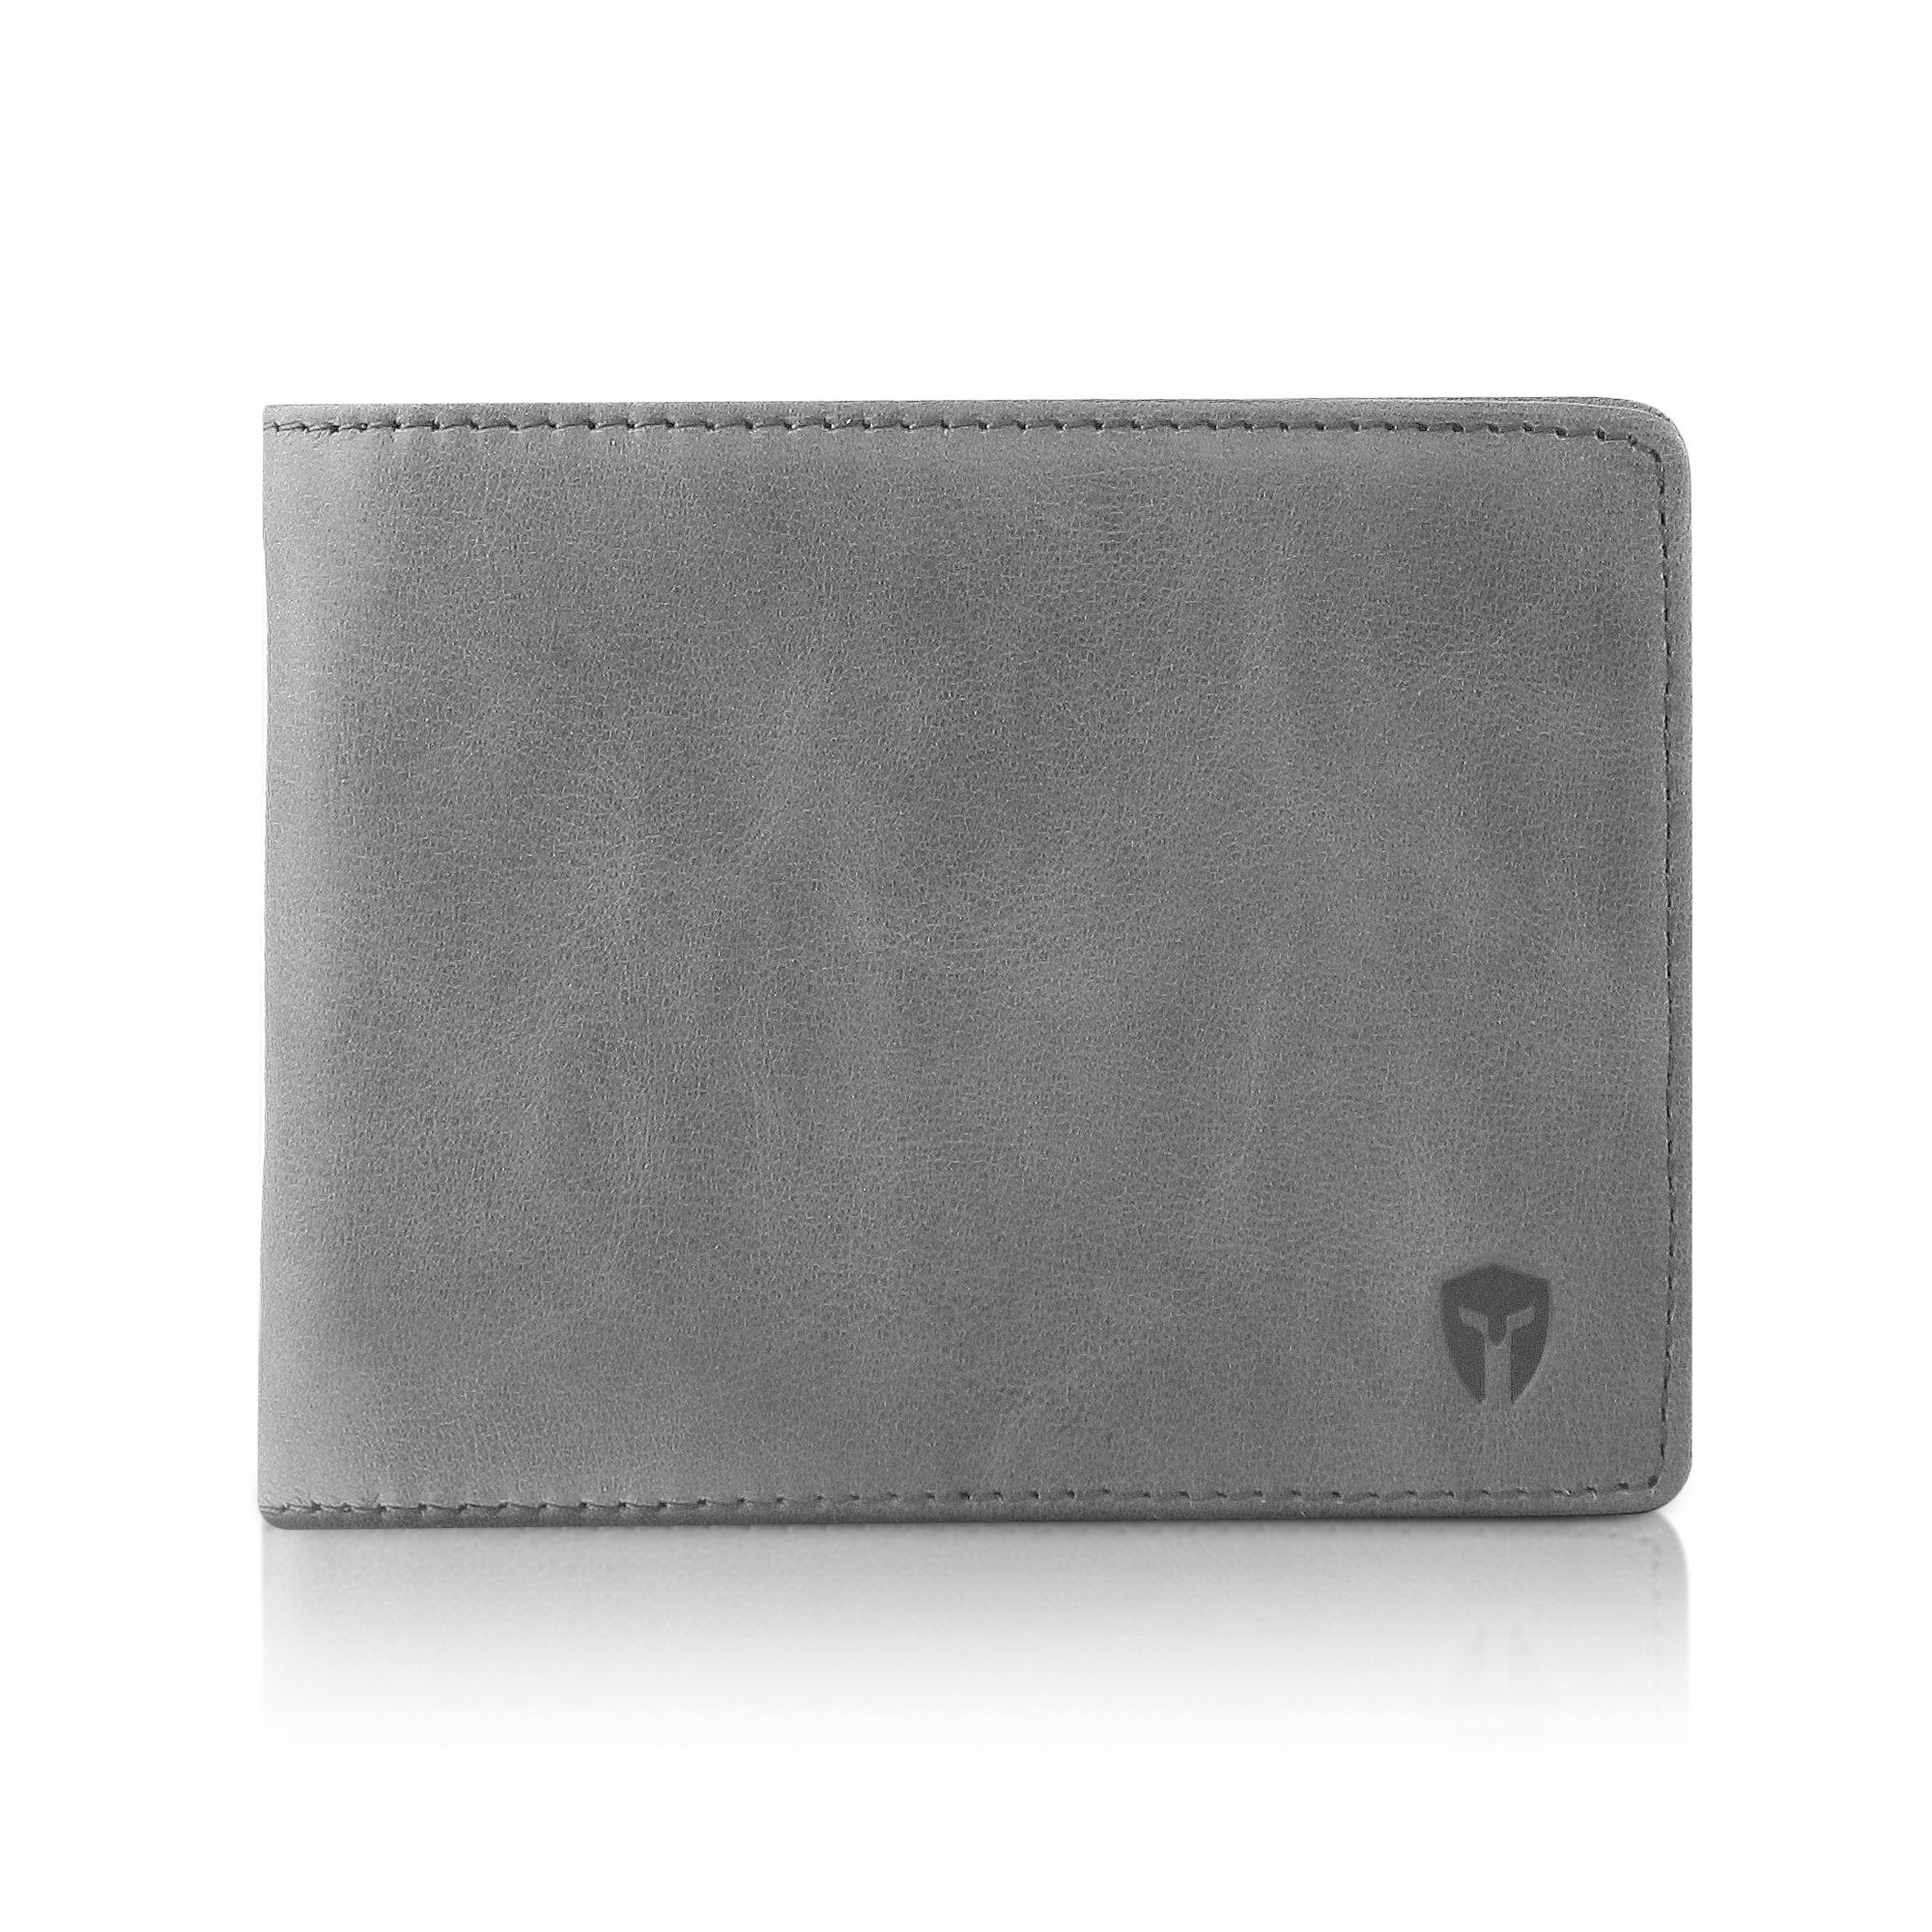 2 ID Window RFID Wallet for Men, Bifold Side Flip, Extra Capacity Travel Wallet by Bryker Hyde